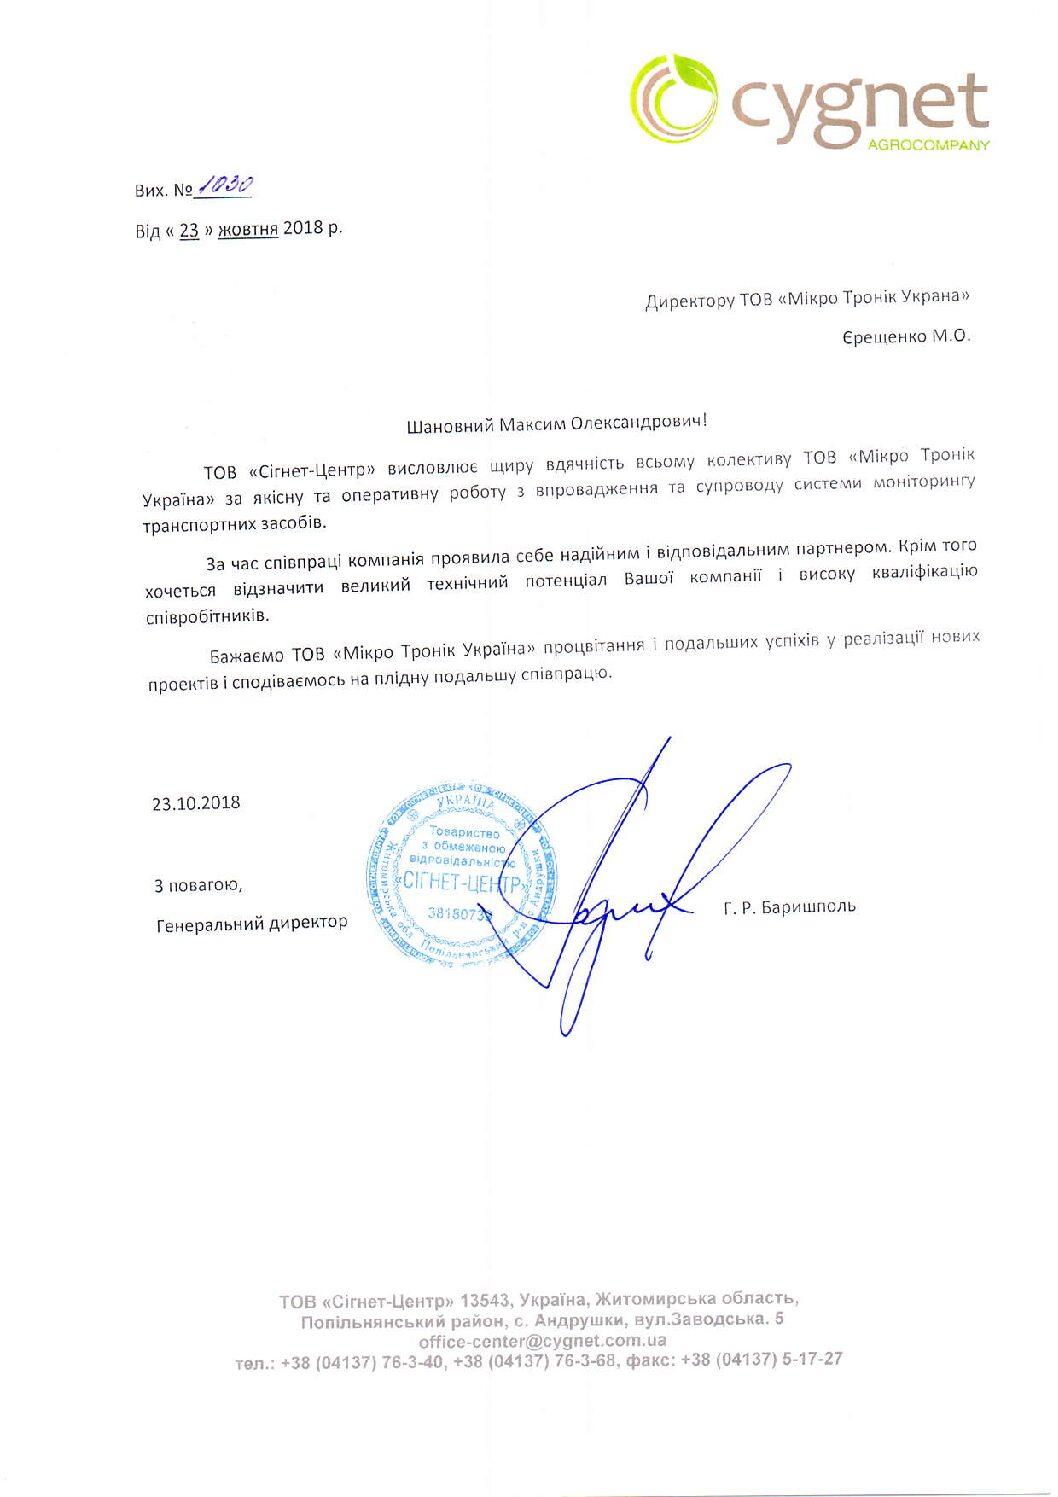 Г.Р. Баришполь